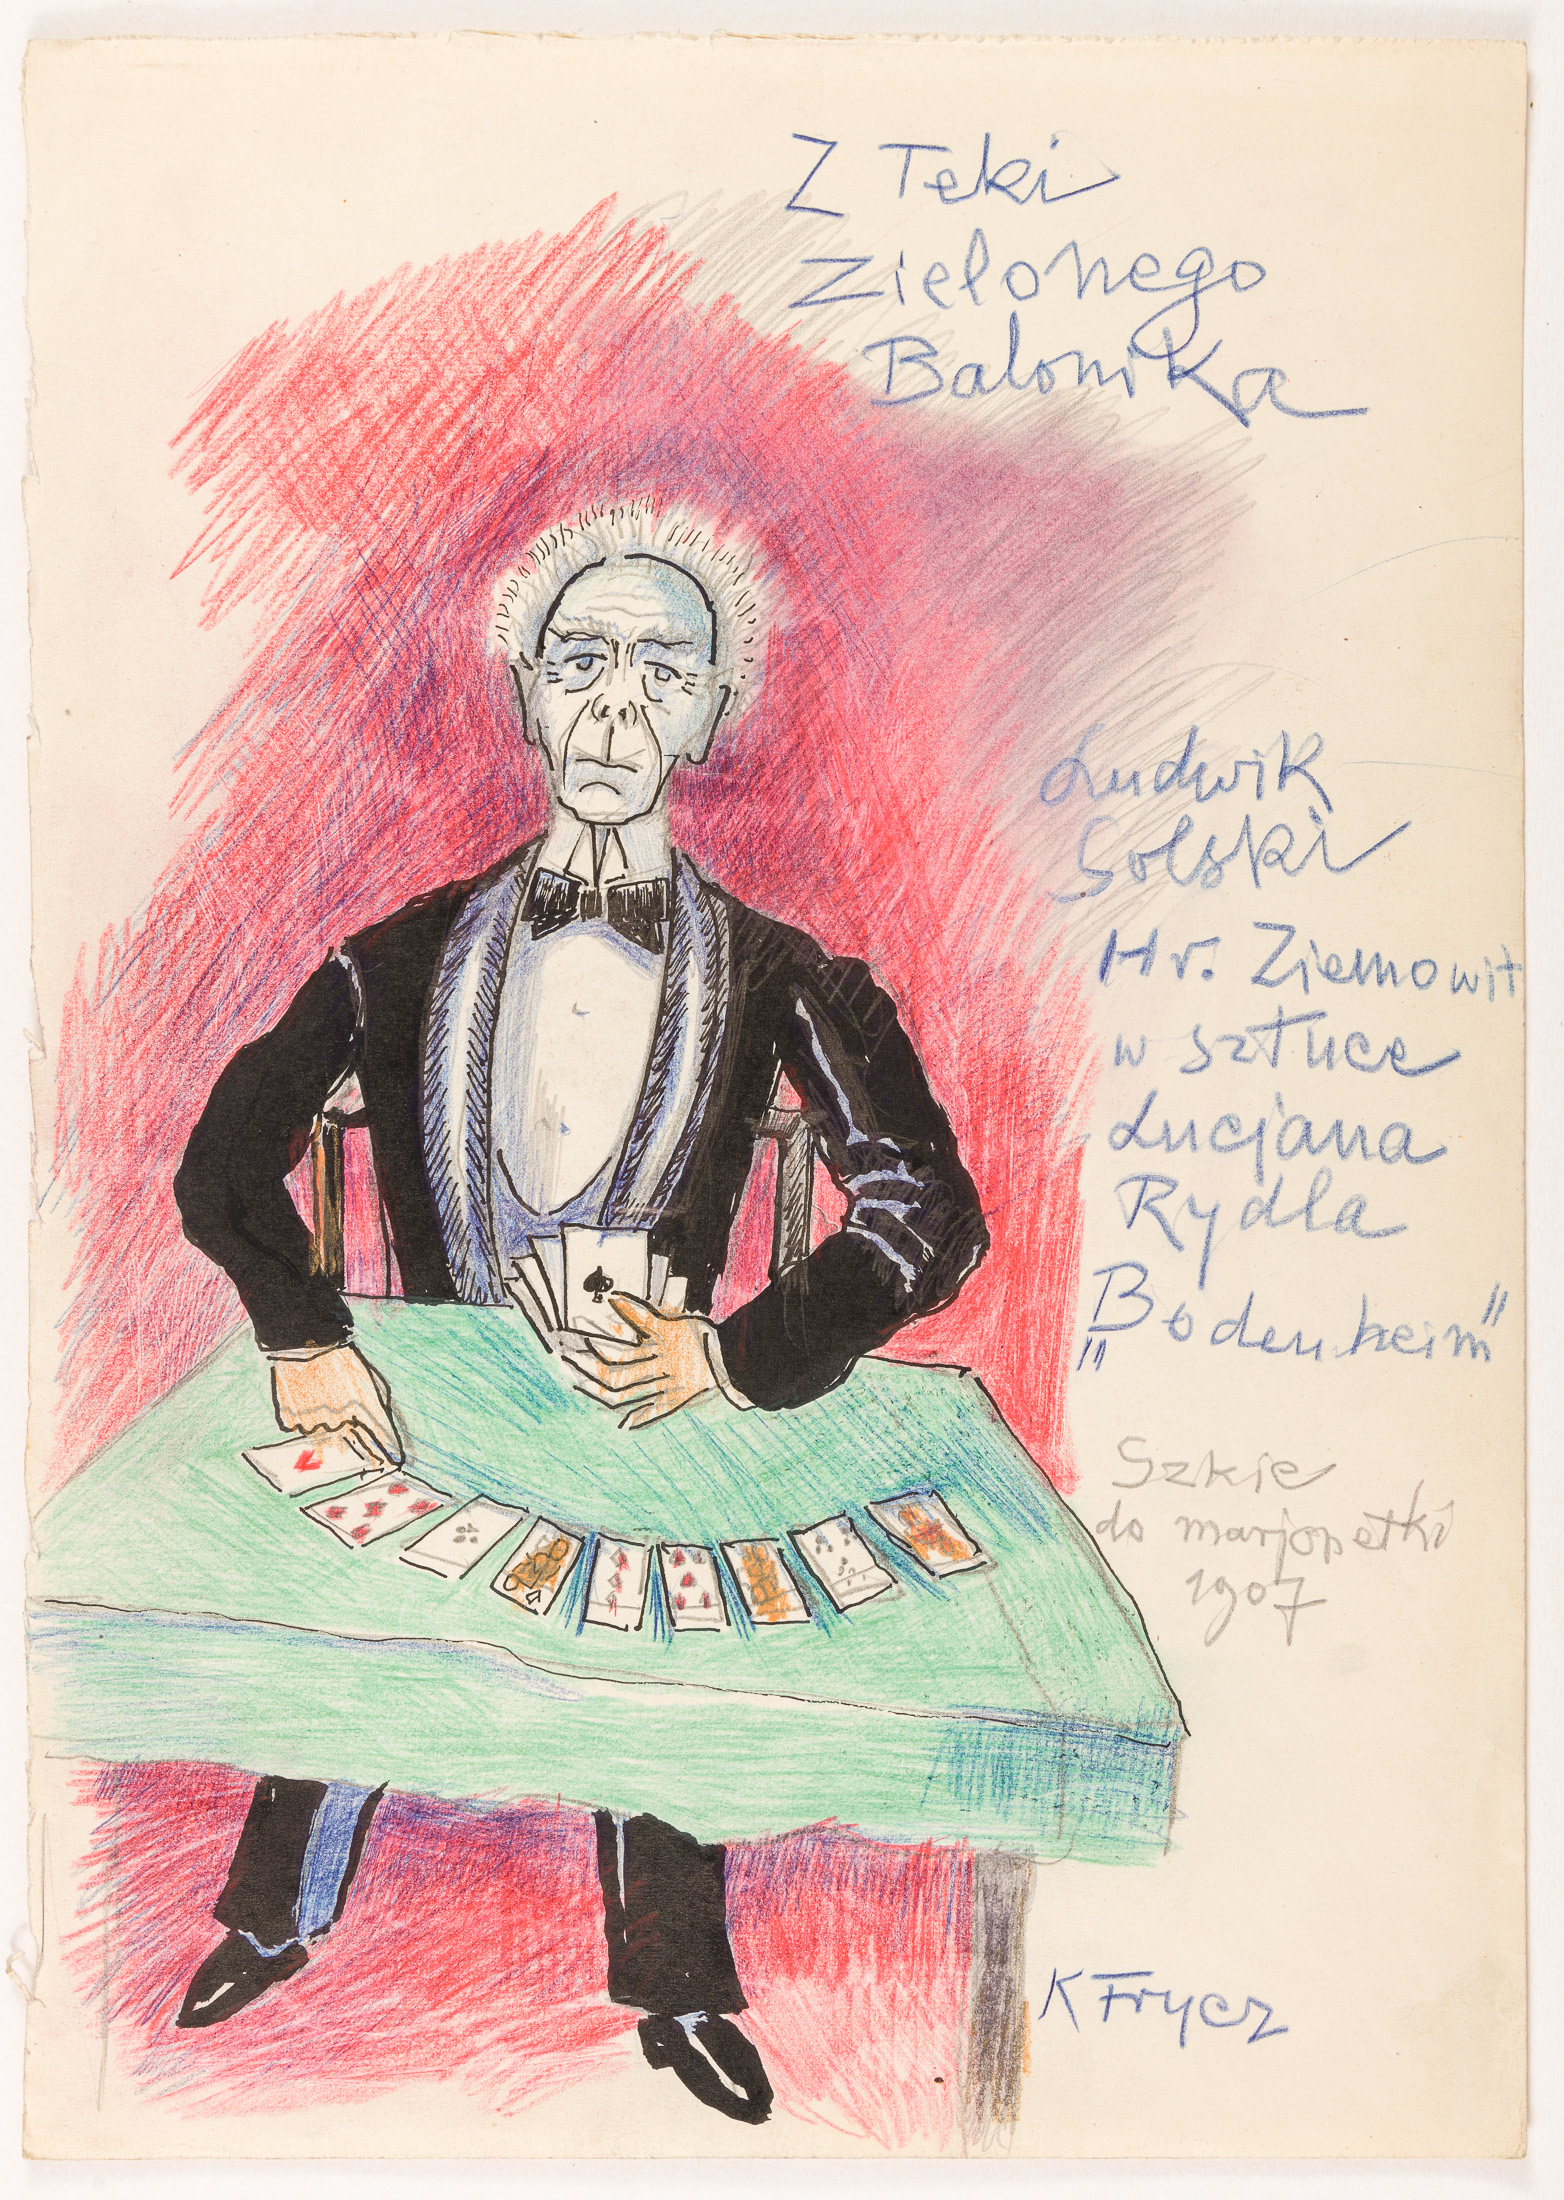 """Ludwik Solski, jako hr. Ziemowit w sztuce Lucjana Rydla """"Bodenheim"""", 1907"""